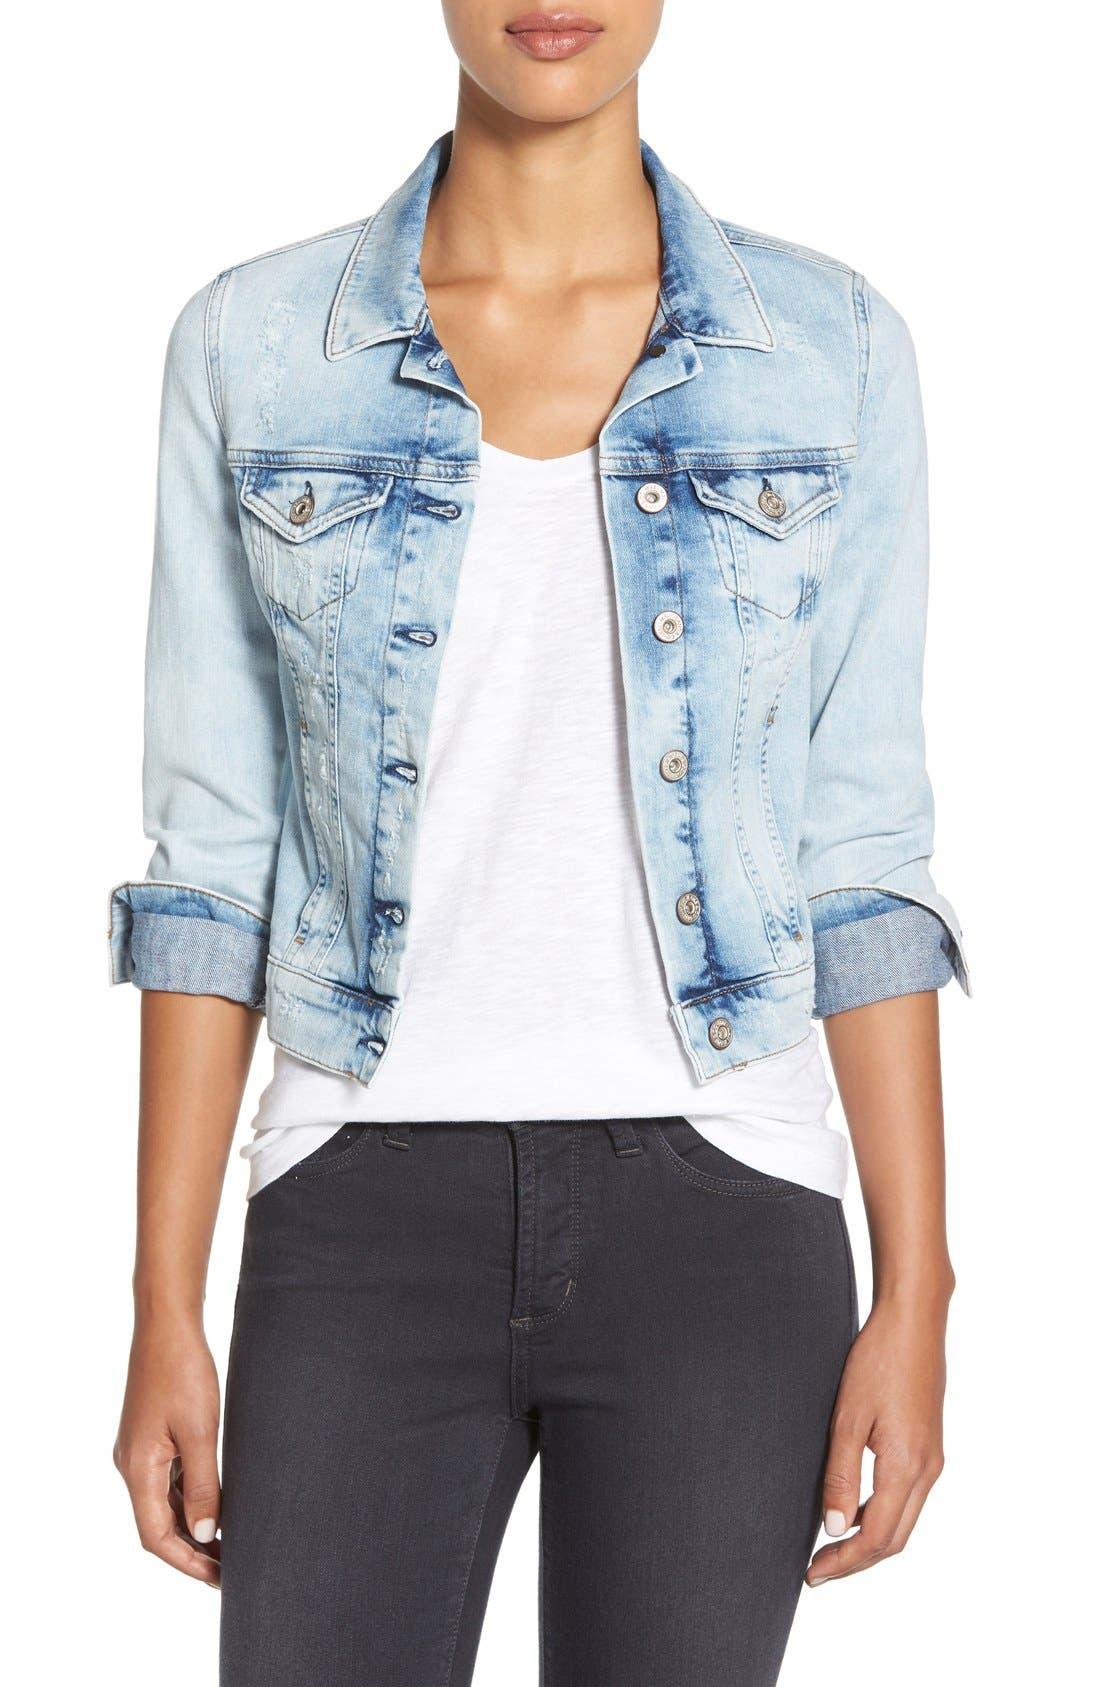 MAVI JEANS 'Samantha' Denim Jacket, Main, color, BLEACH VINTAGE